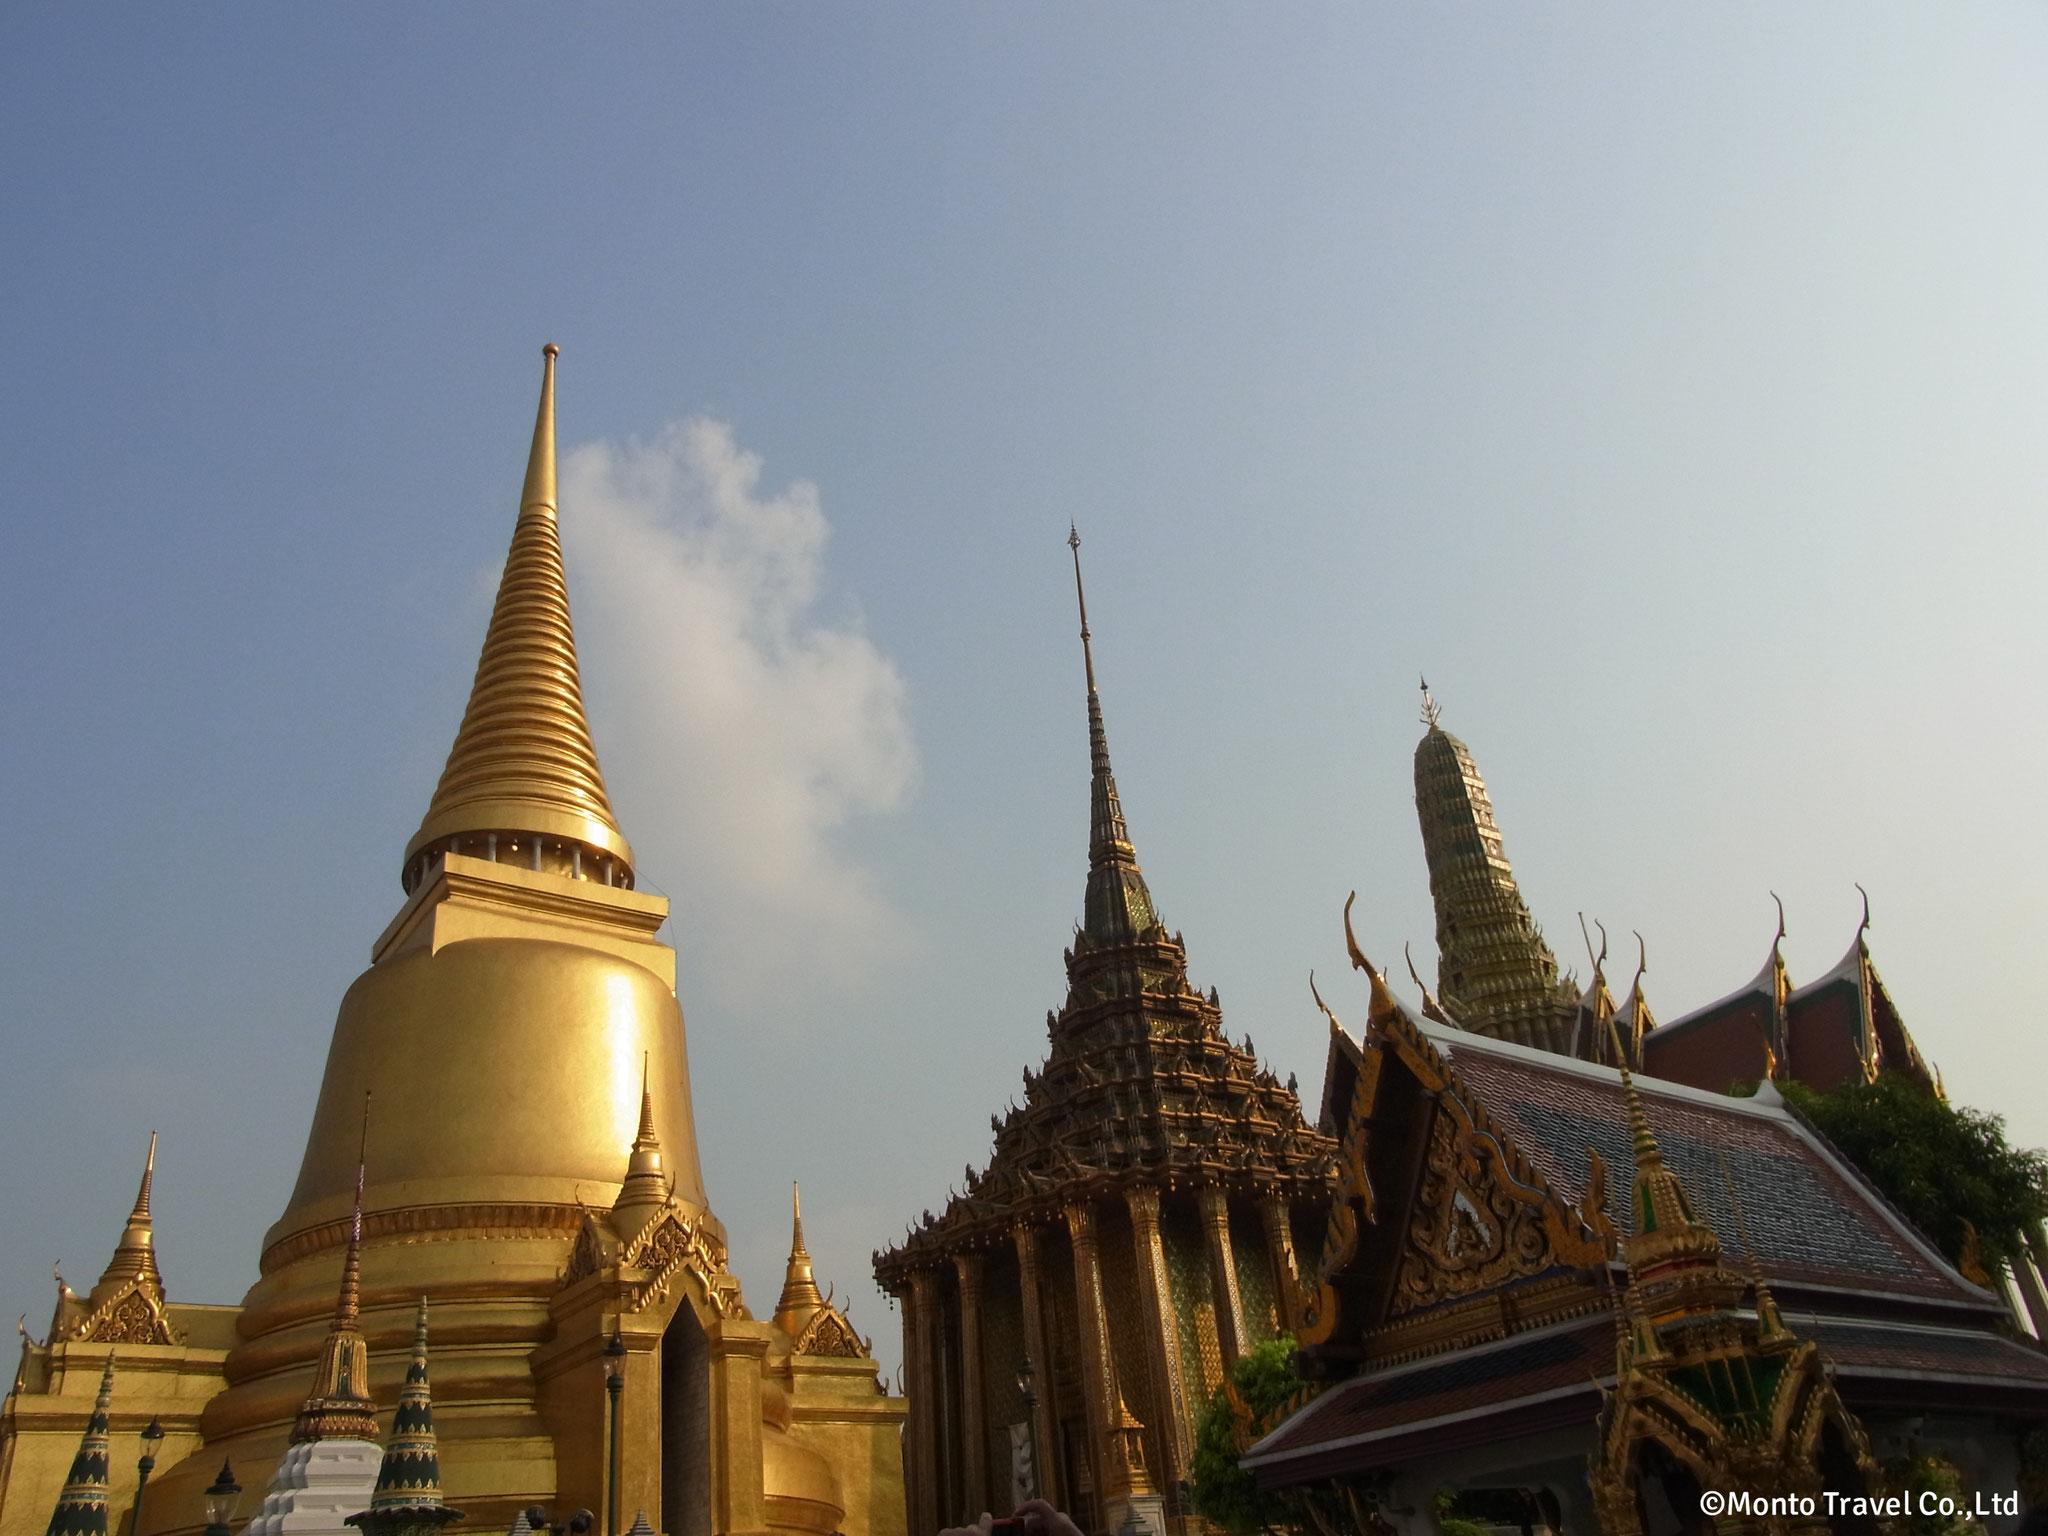 エメラルド寺院(バンコク)